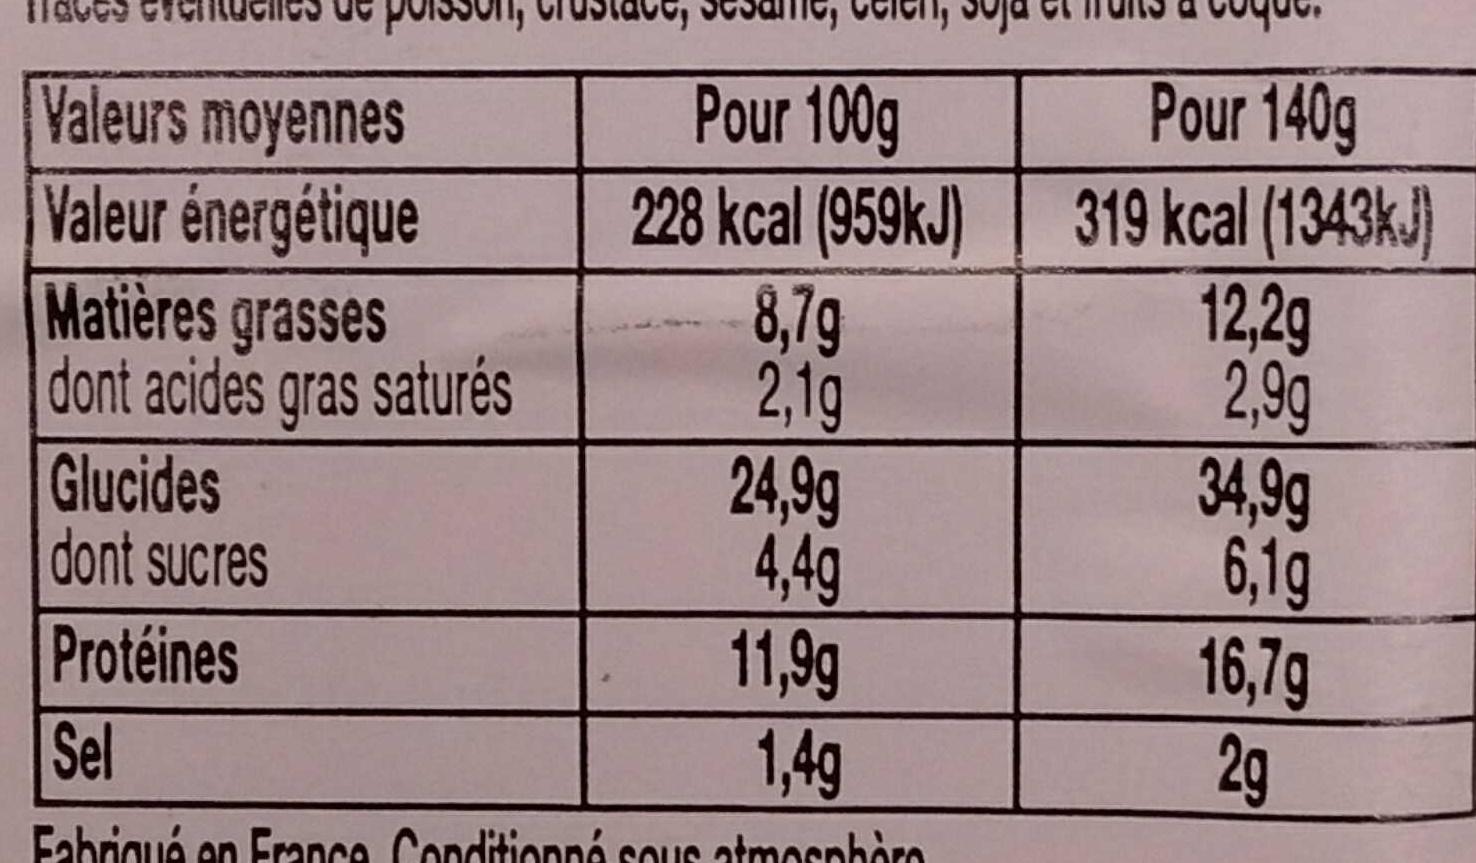 Loves Mie - Poulet Emmental Pain viennois sans croûte - Nutrition facts - fr